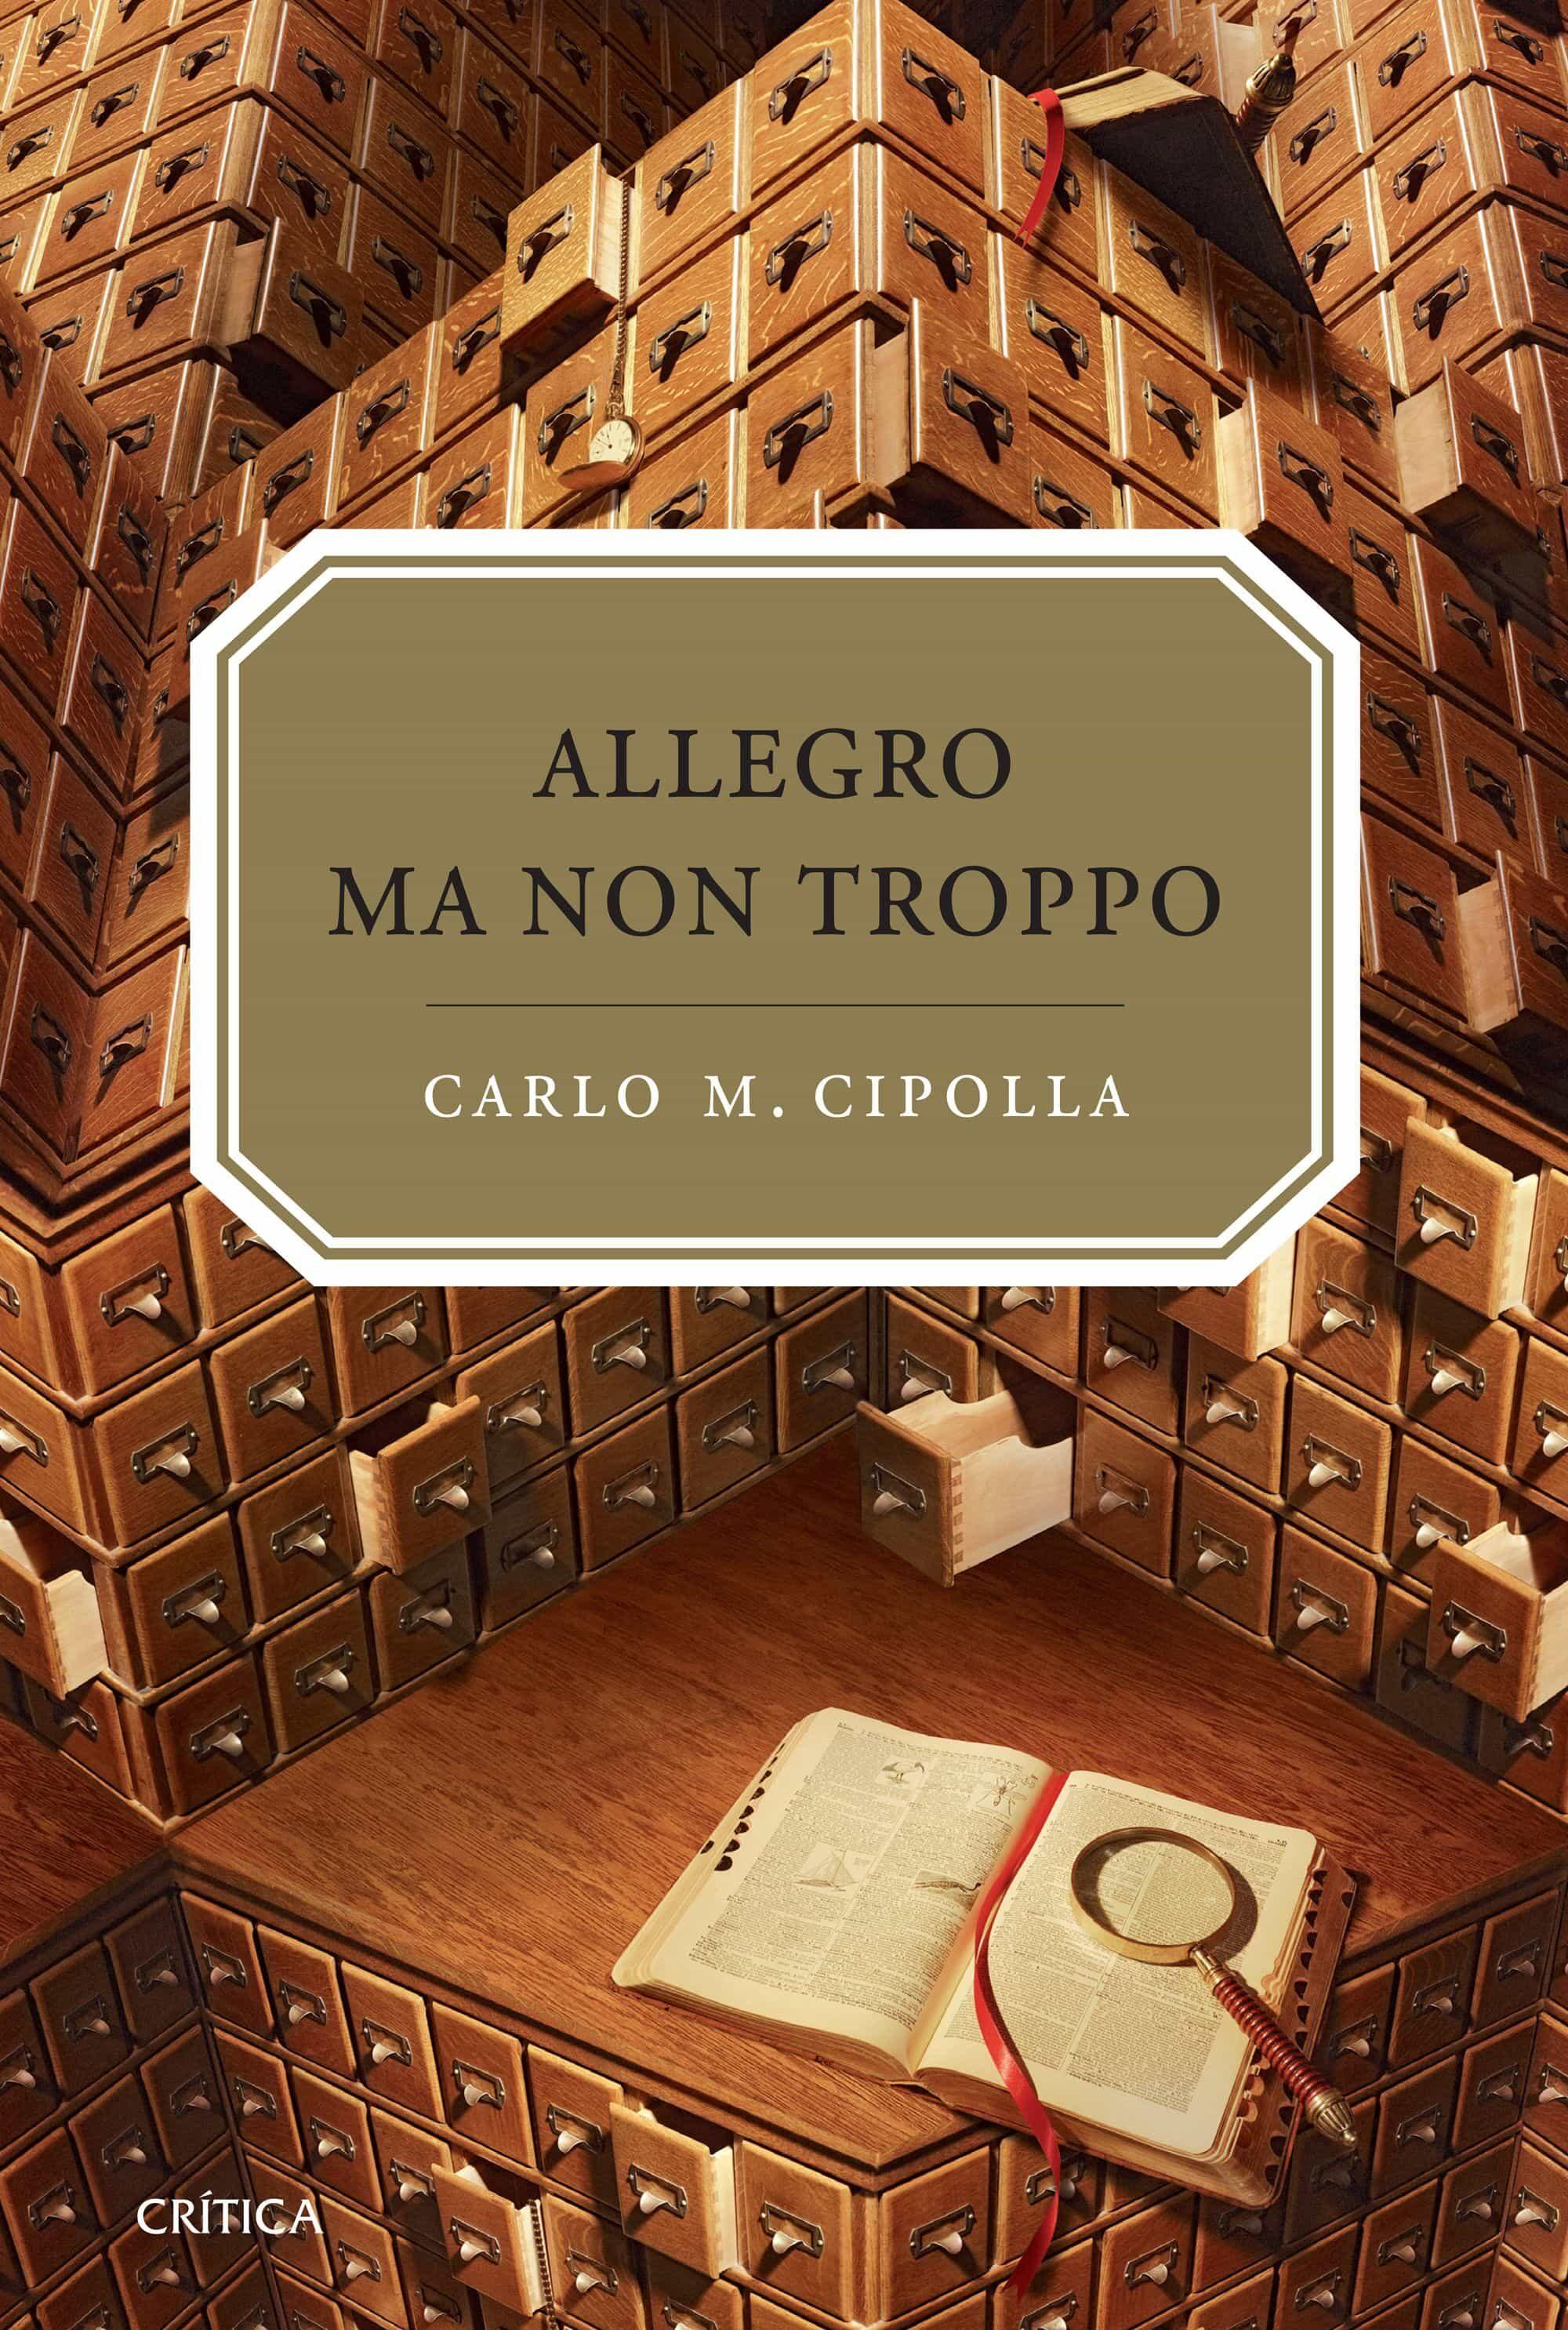 Allegro Ma Non Tropo : Las Leyes Fundamentales De La Estupidez Hu Mana por Carlo M. Cipolla epub